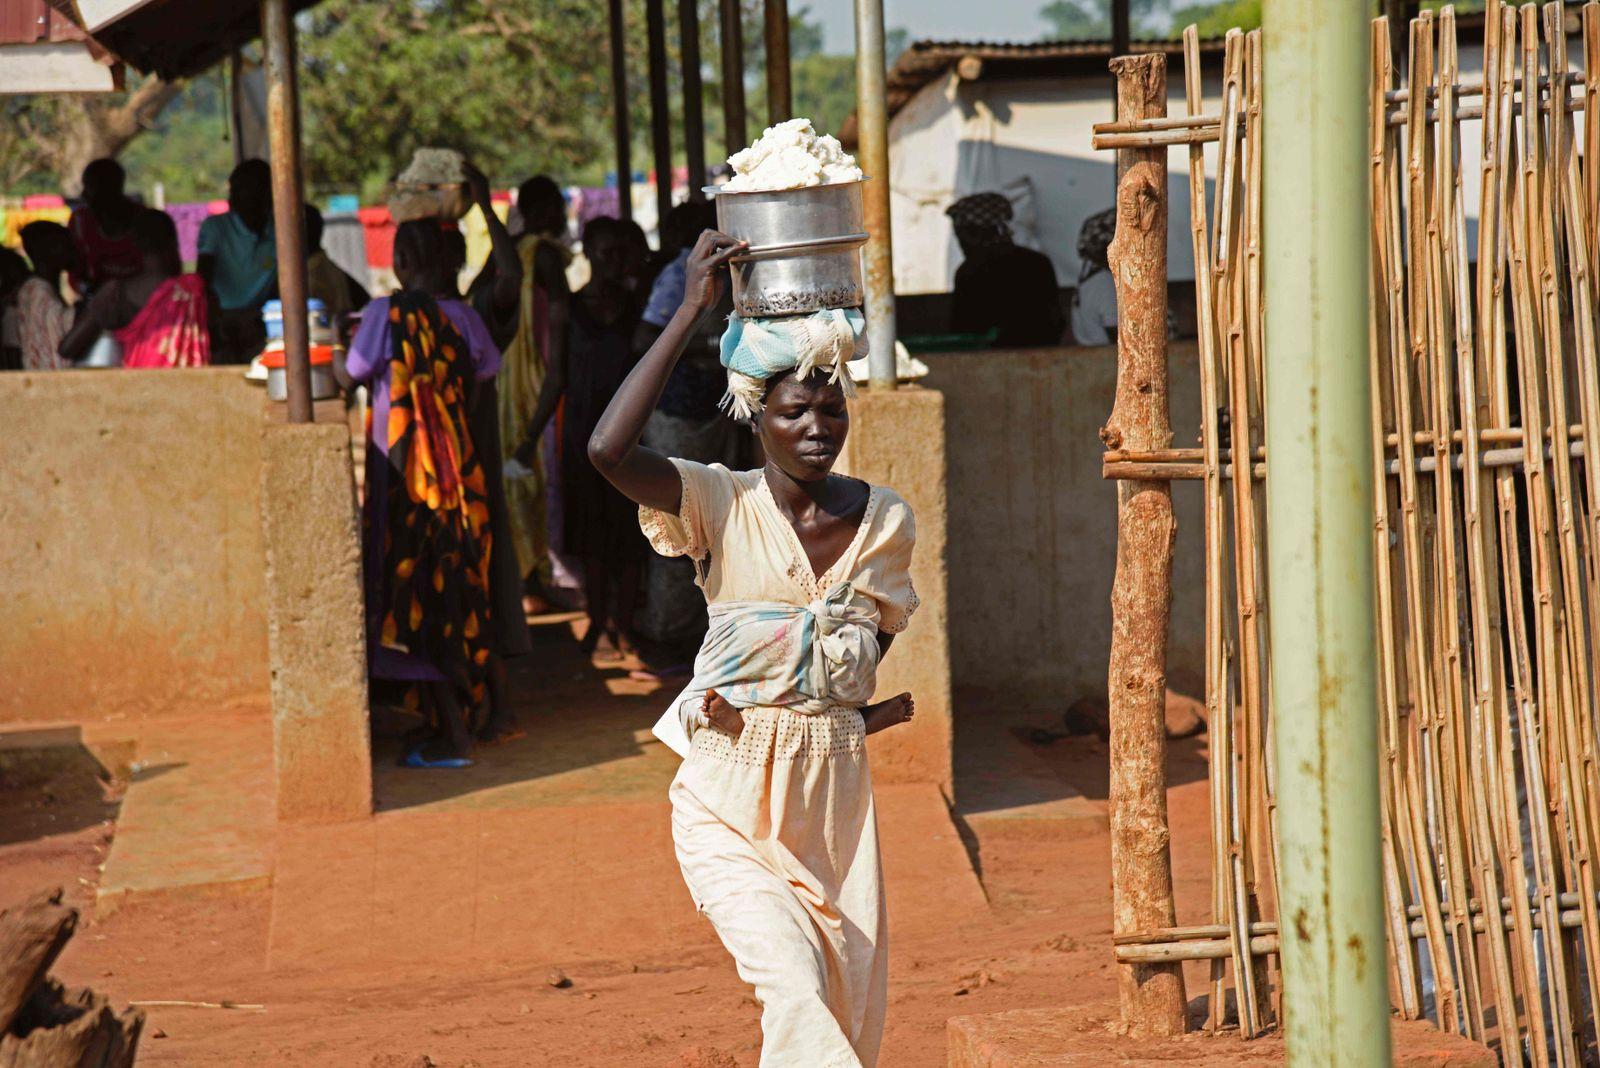 UGANDA-SSUDAN-UNREST-REFUGEES